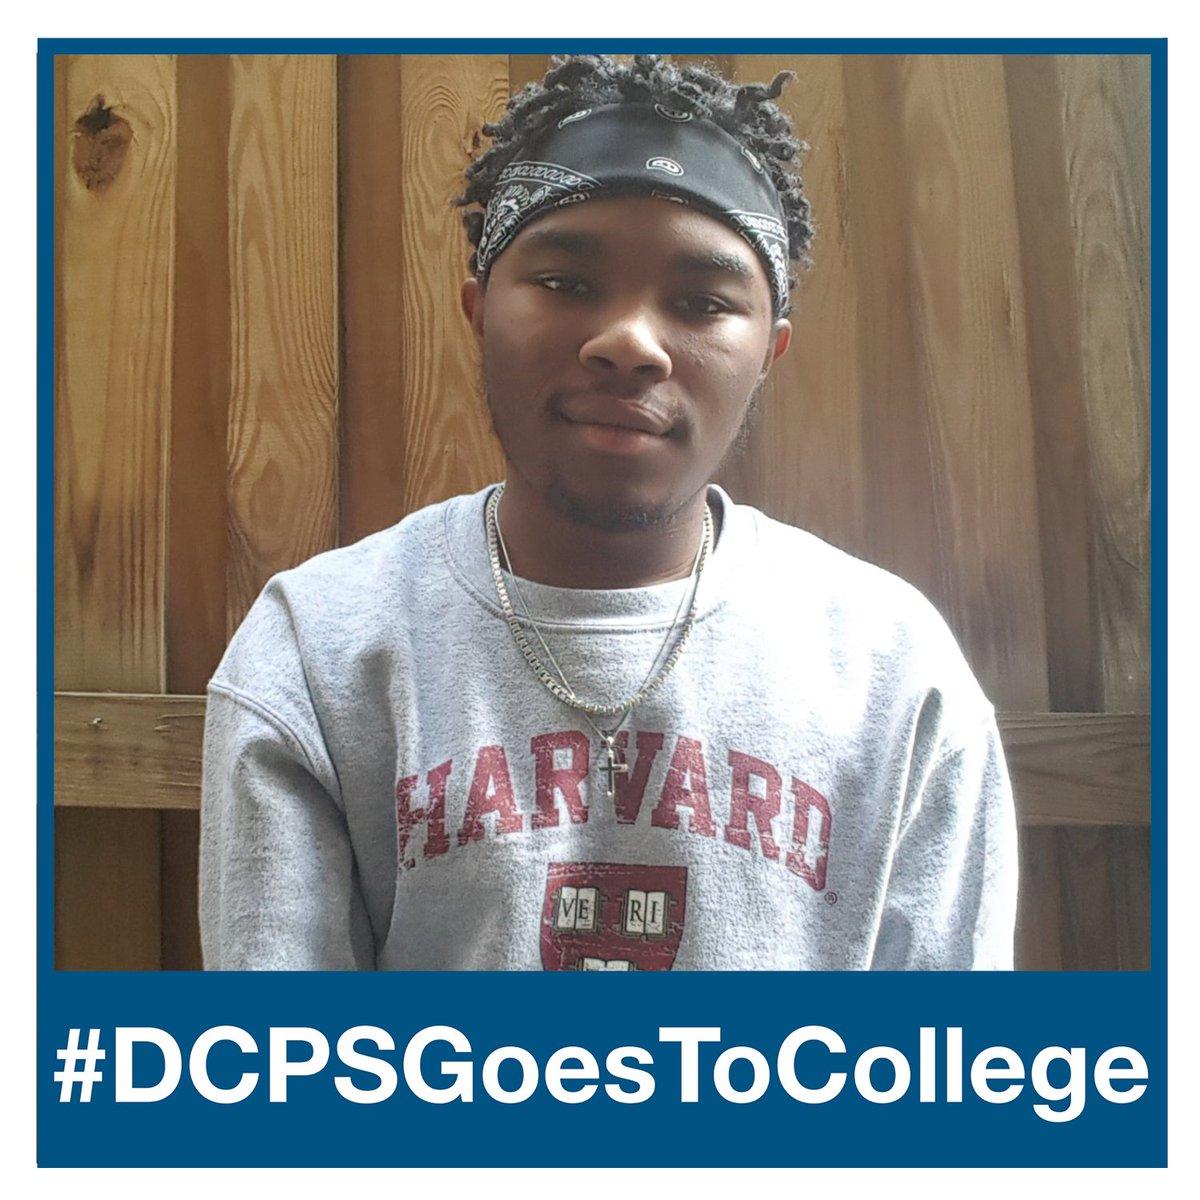 DC_CAP photo